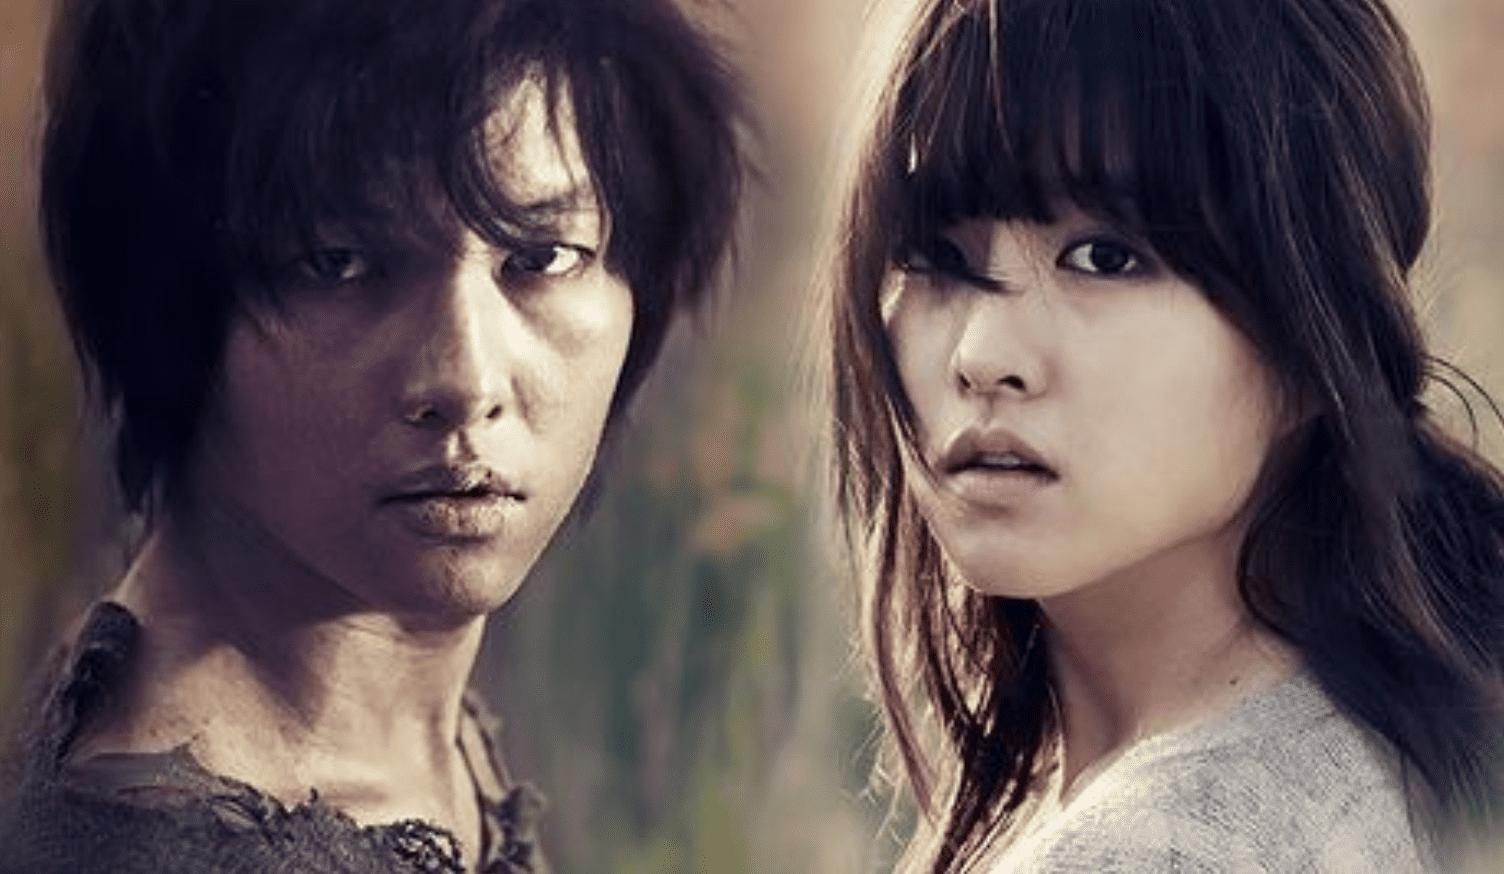 အေကာင္းဆံုး ကိုးရီးယား ဇာတ္ကား (၇) ကား